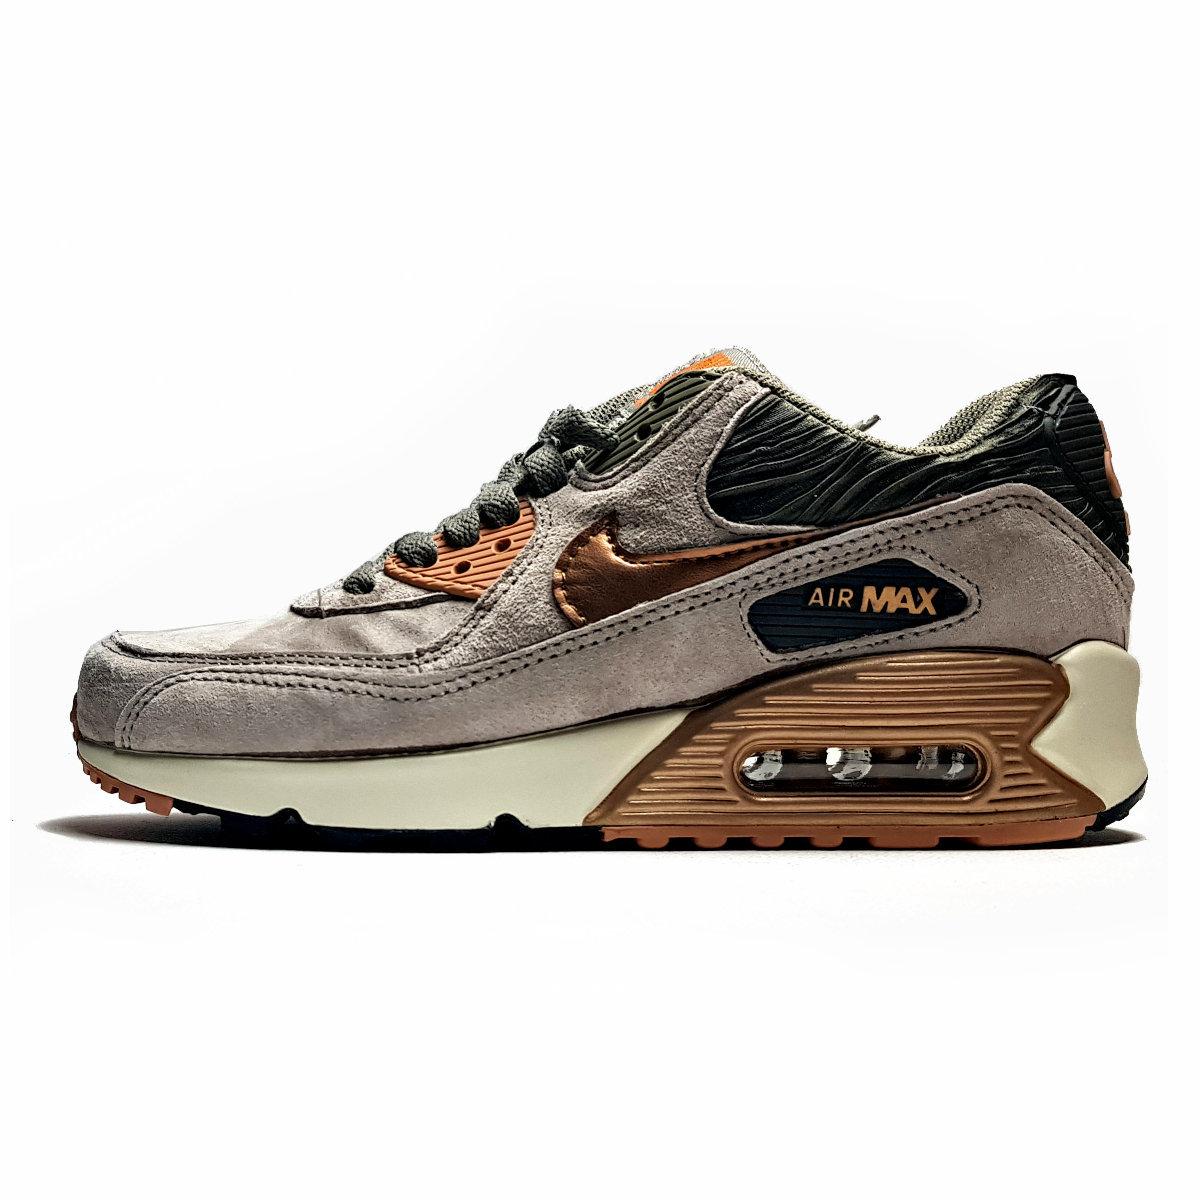 قیمت کفش مخصوص پیاده روی مردانه نایکی مدل Air Max 90 Leather